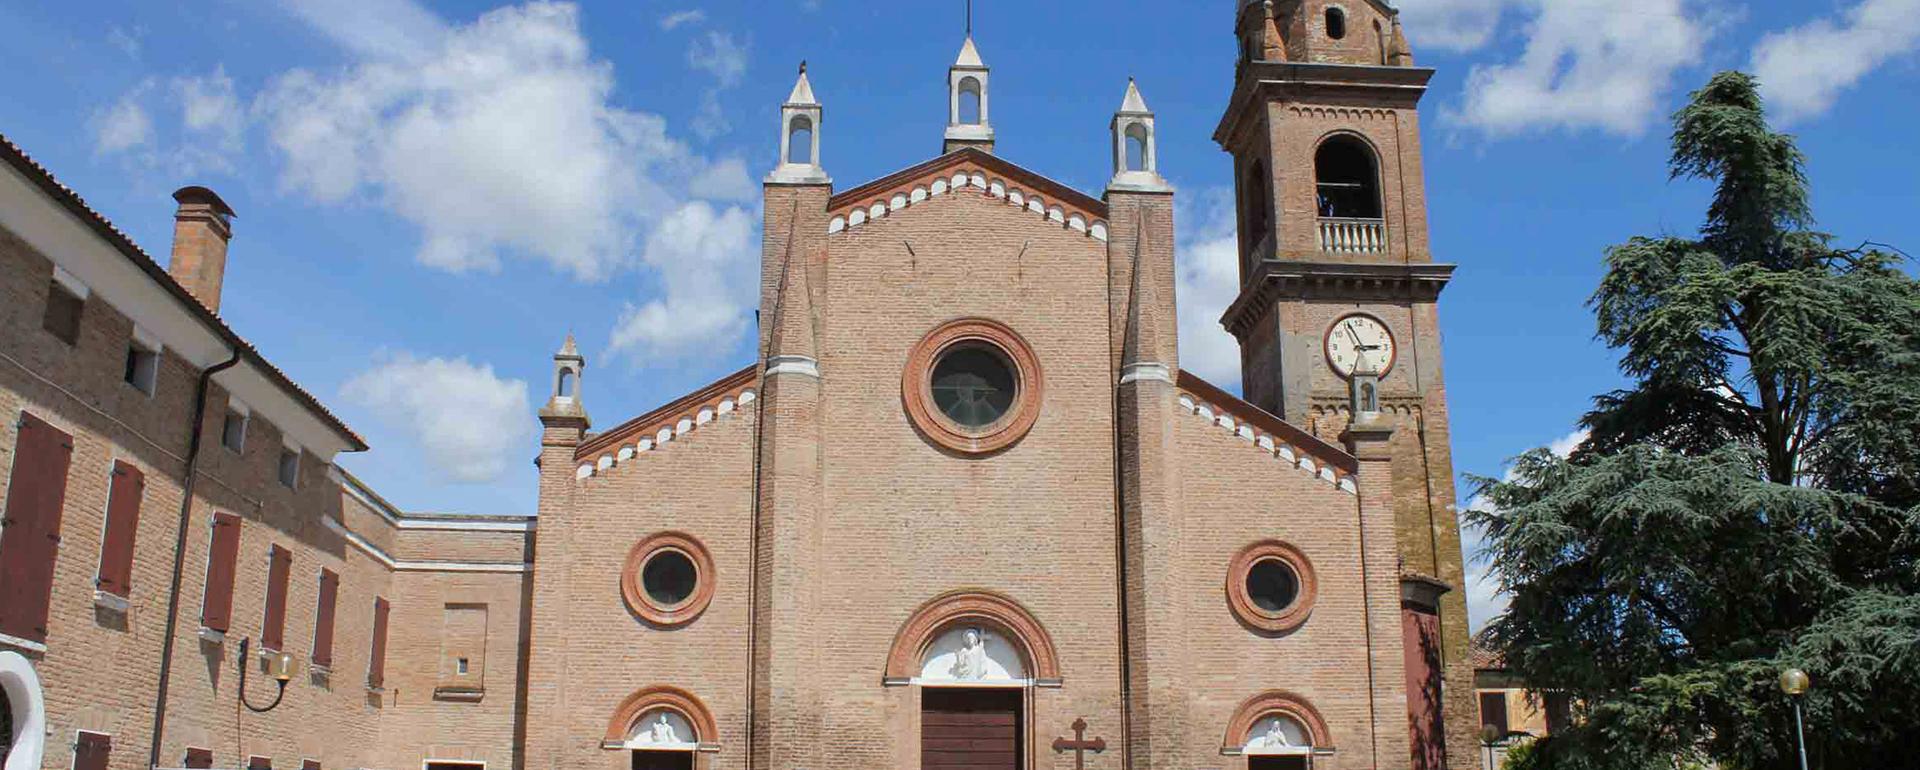 santo - restauro sostenibile